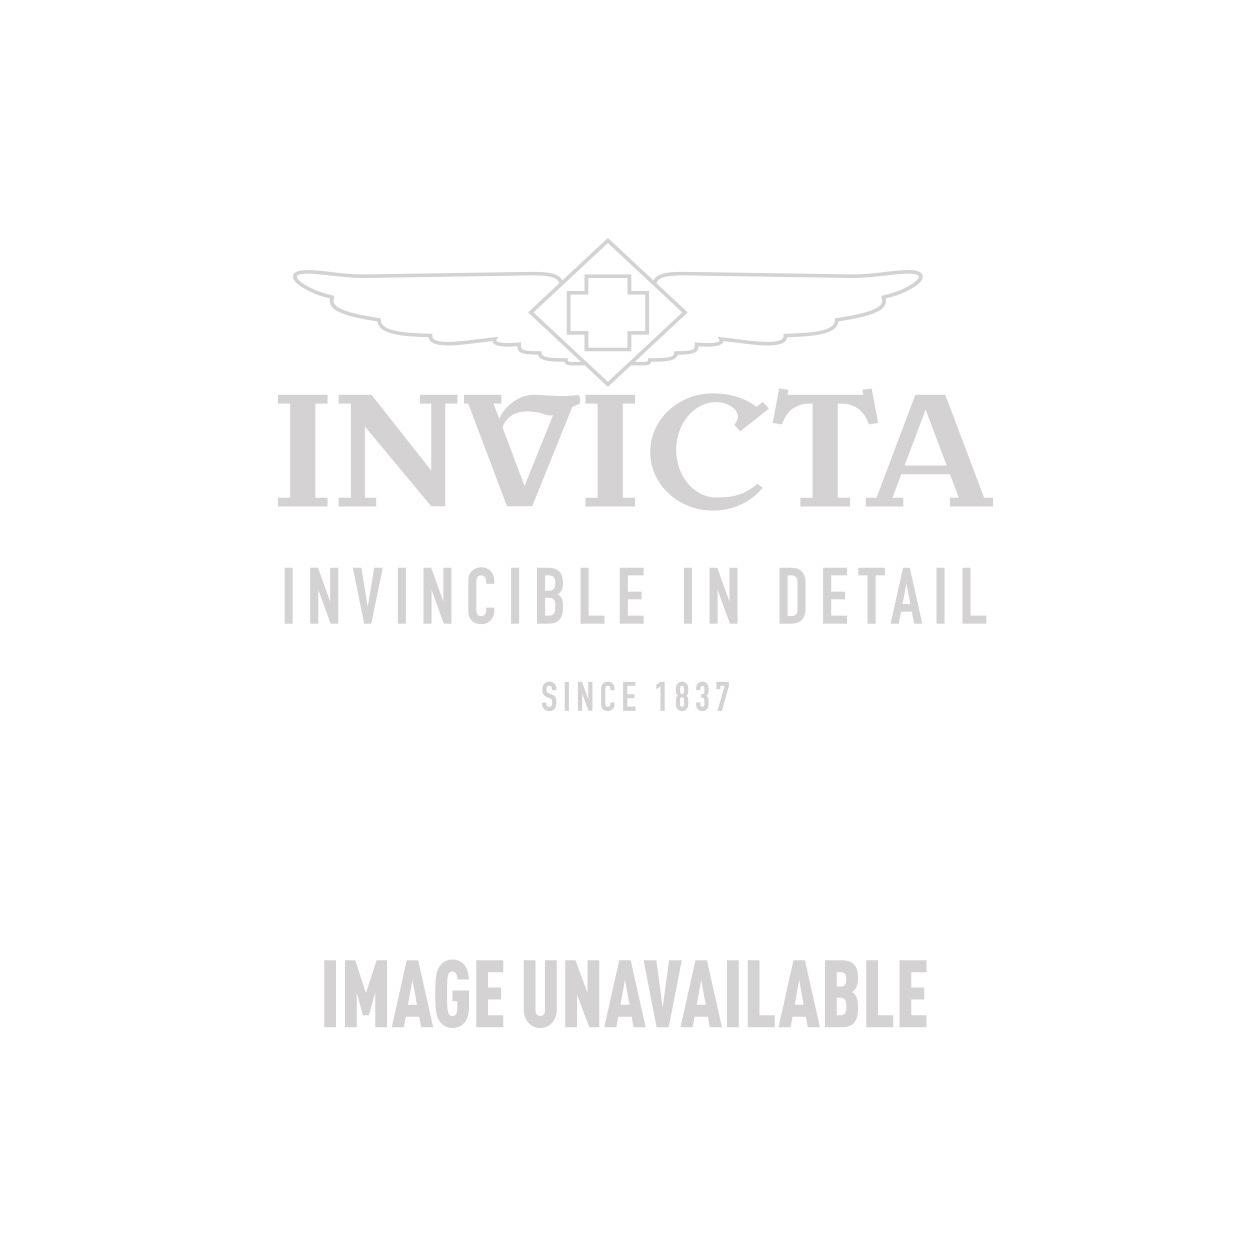 Invicta Model 28908